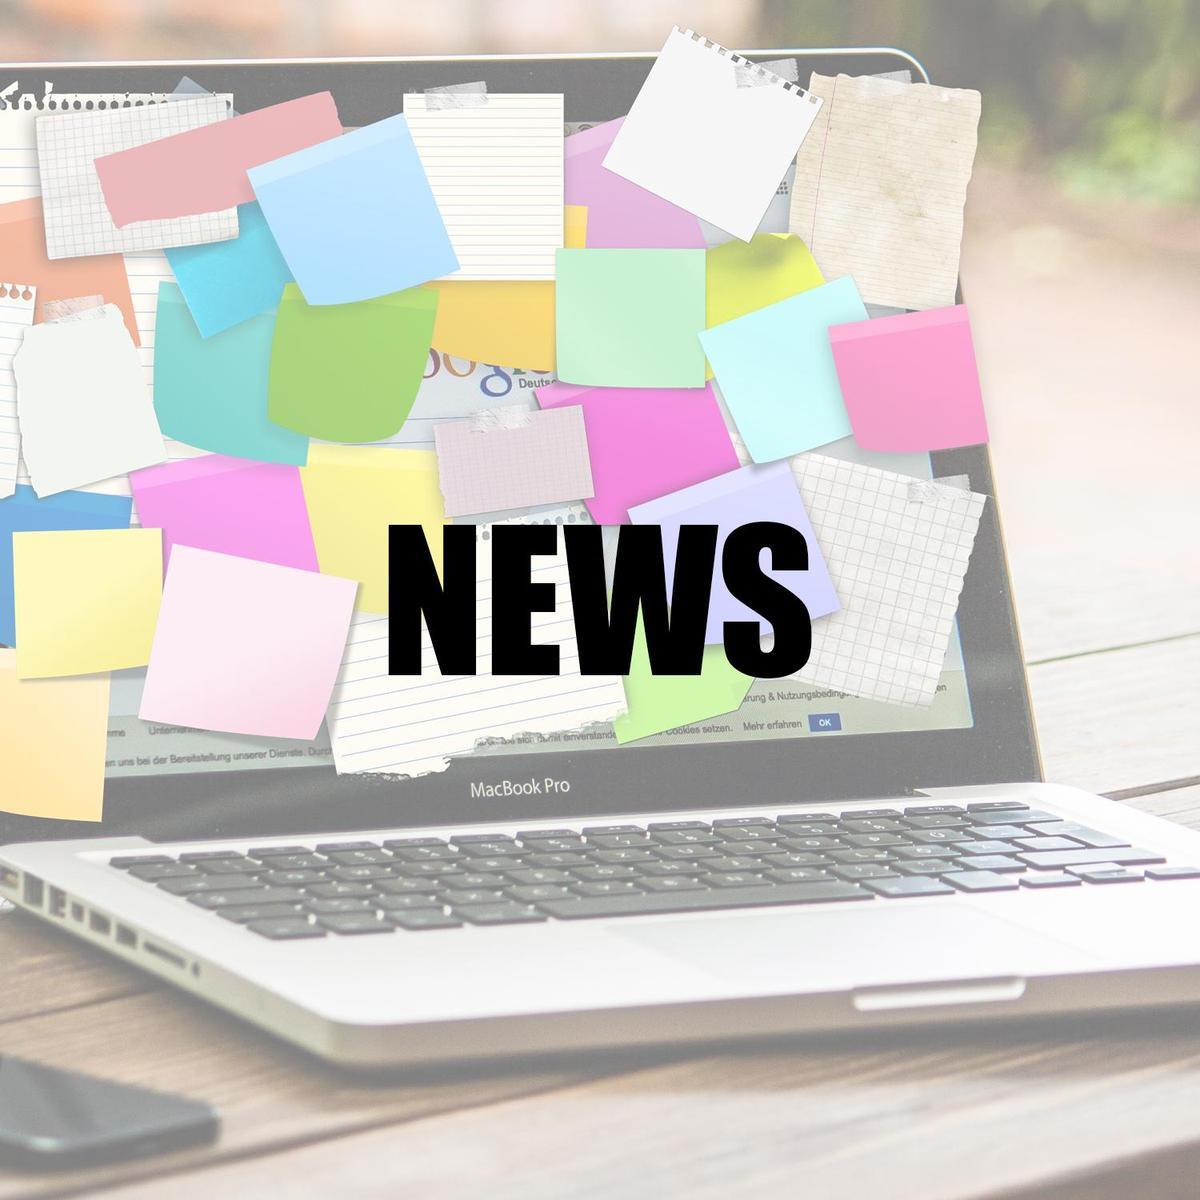 Ed Tech News